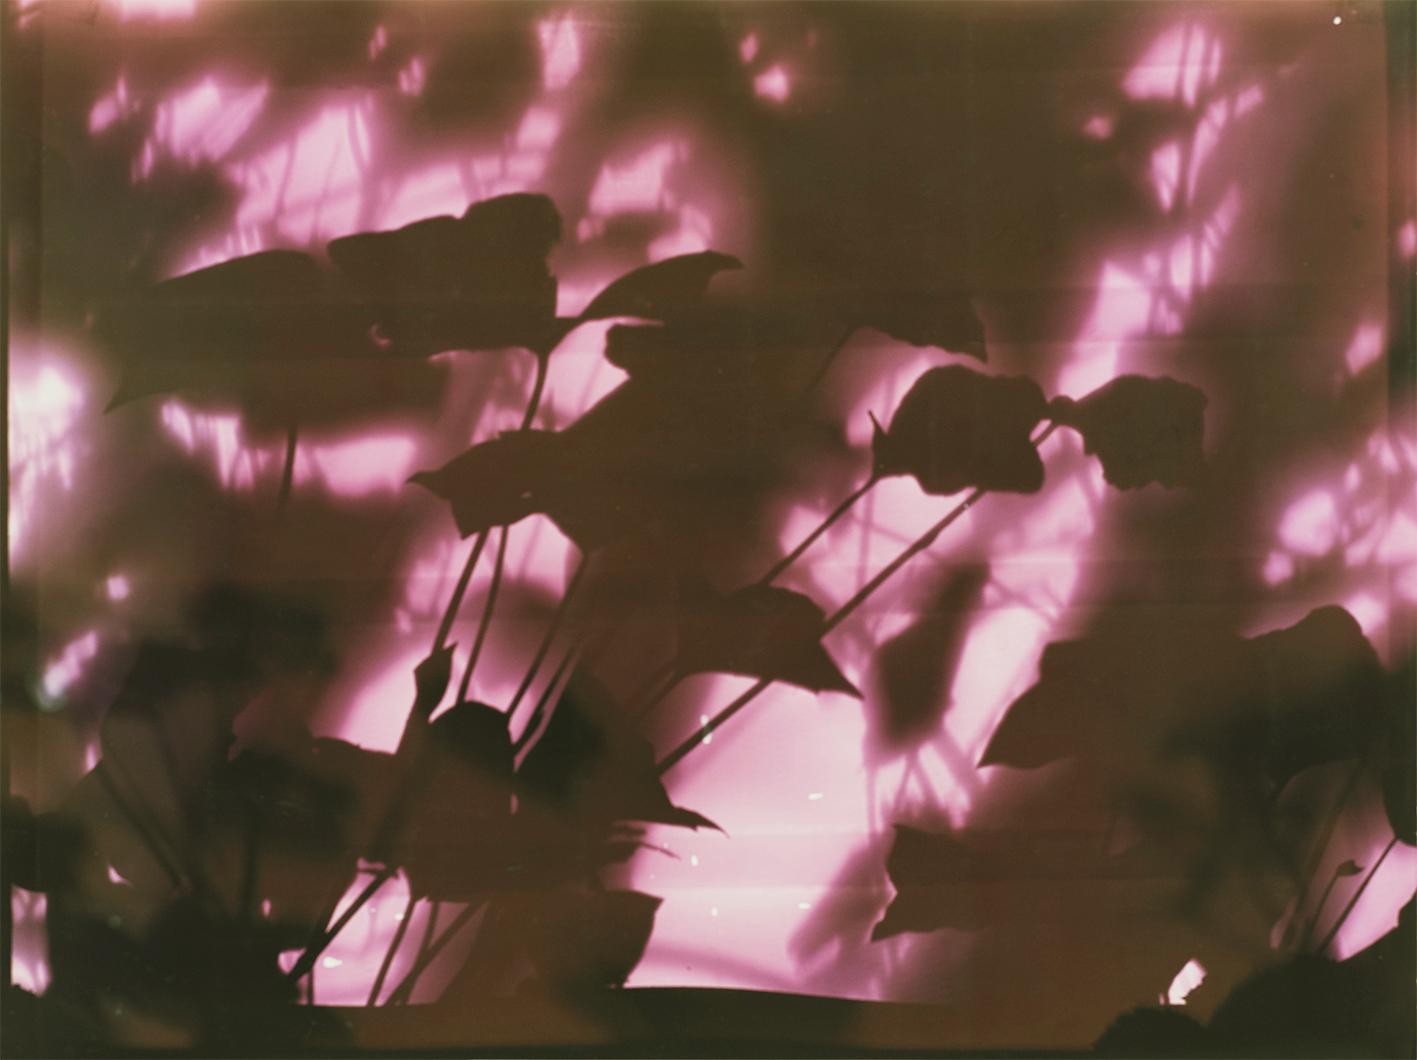 Gartenlaub, Fotogramm auf Farbumkehrpapier